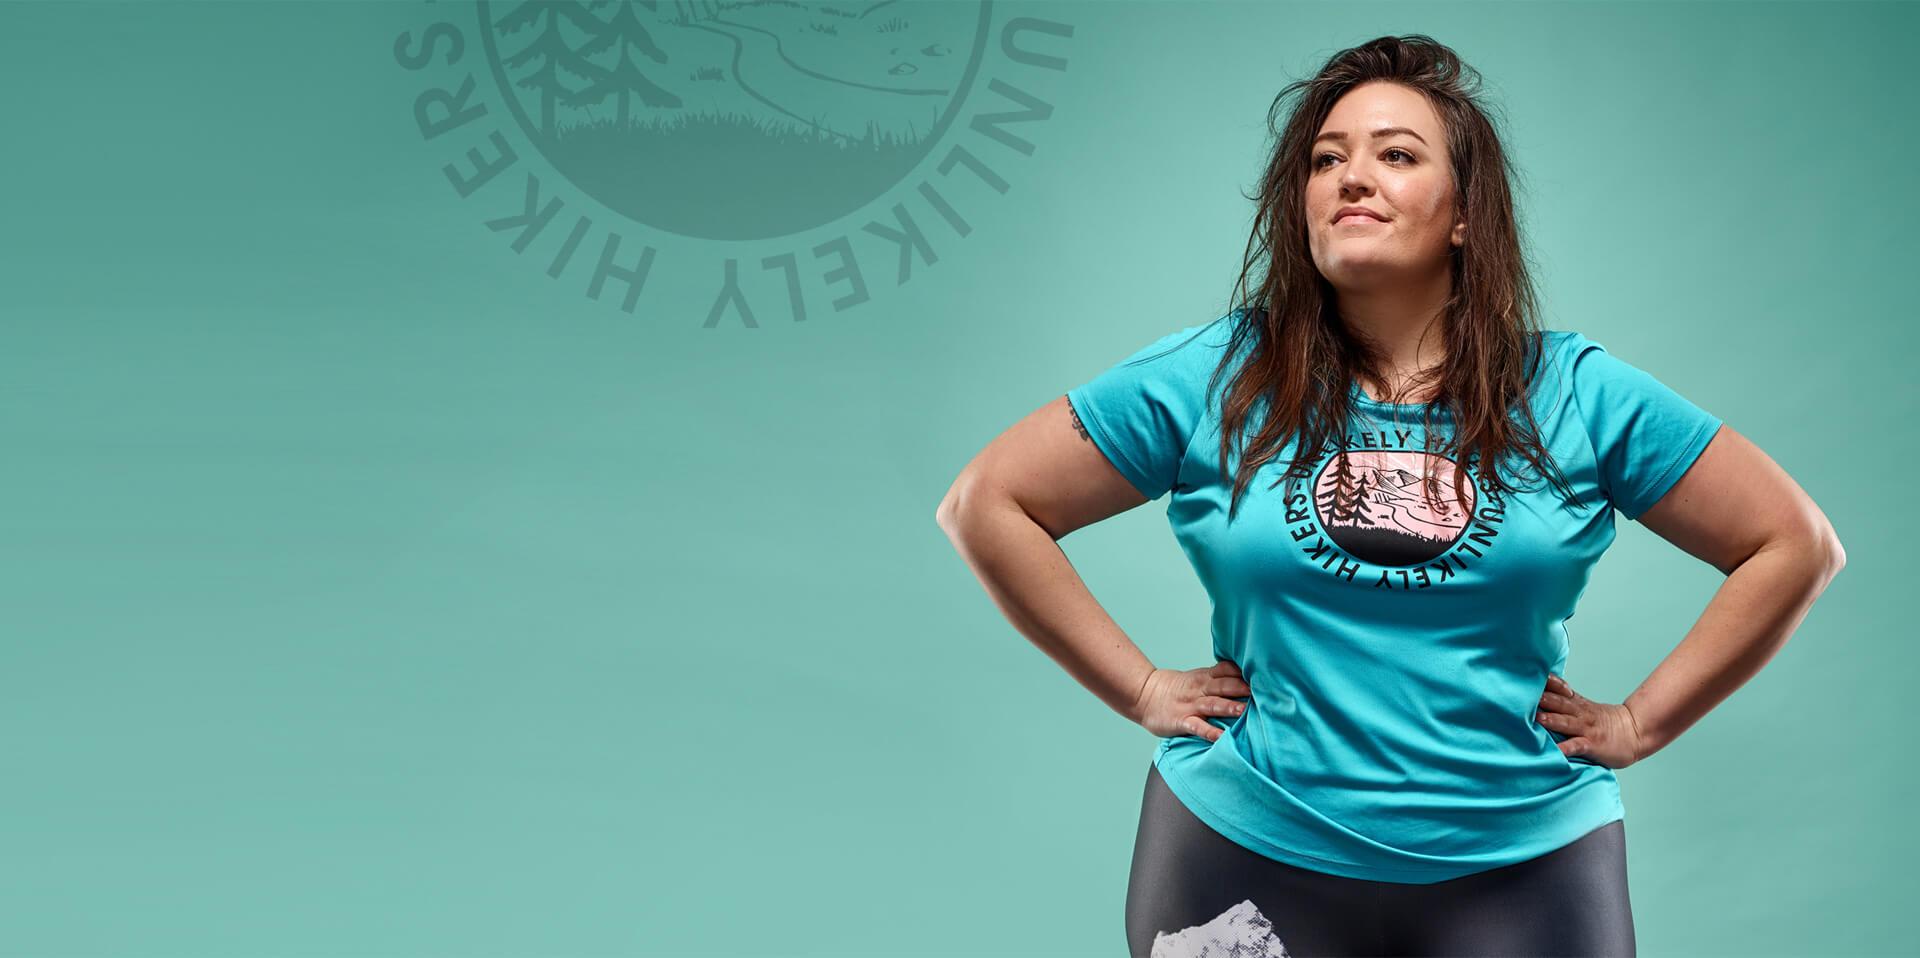 Jenny Bruso looking fierce.